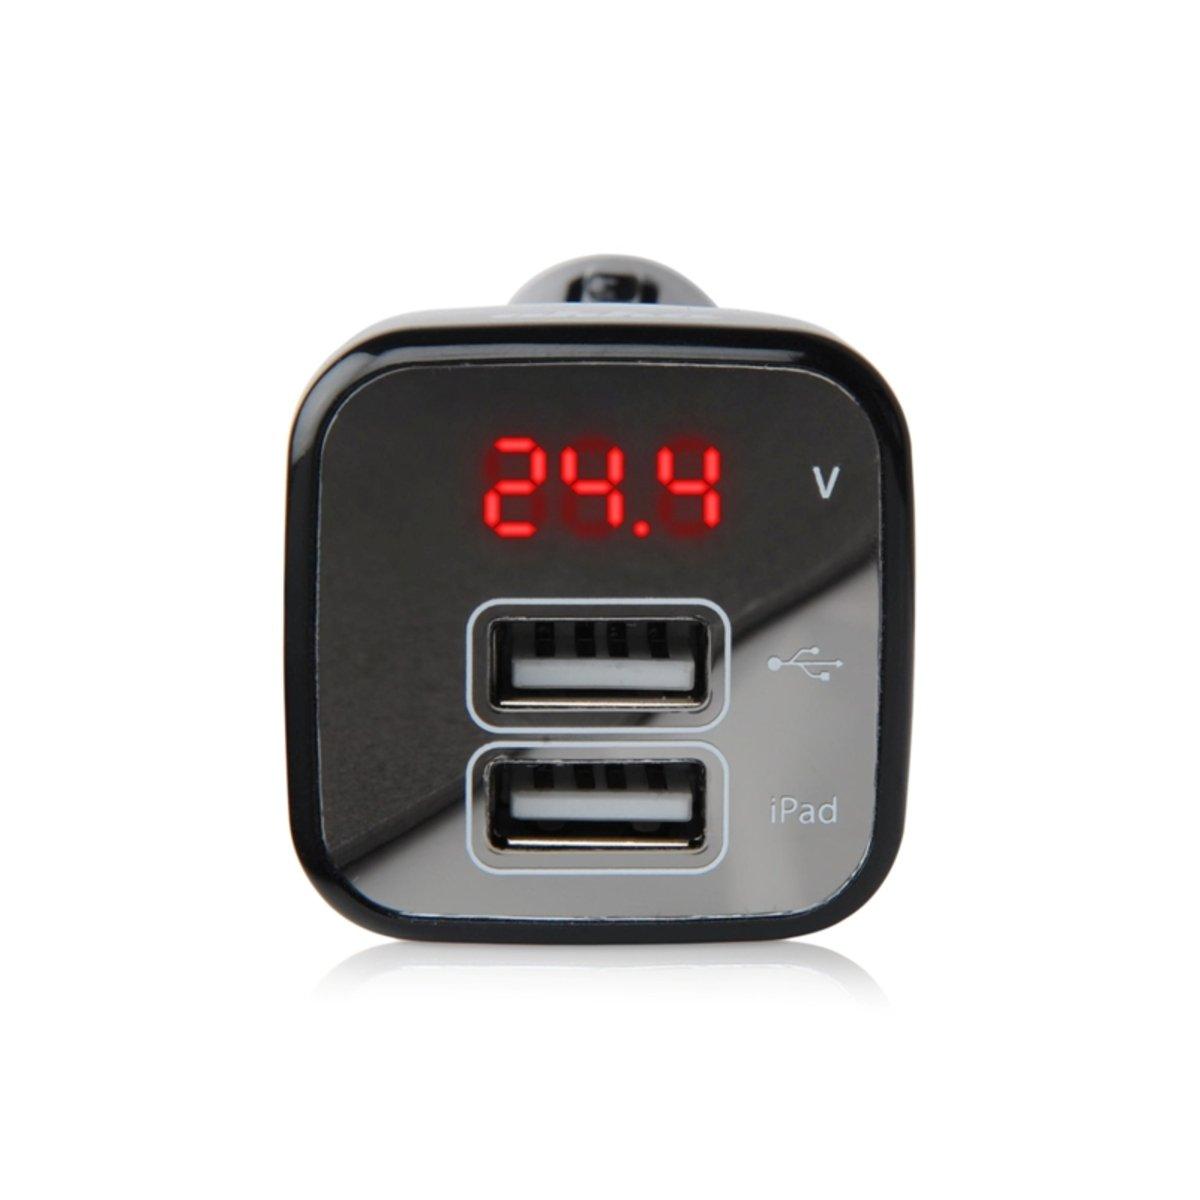 2合1汽車 2 USB 充電器連電壓儀顯示 (黑)